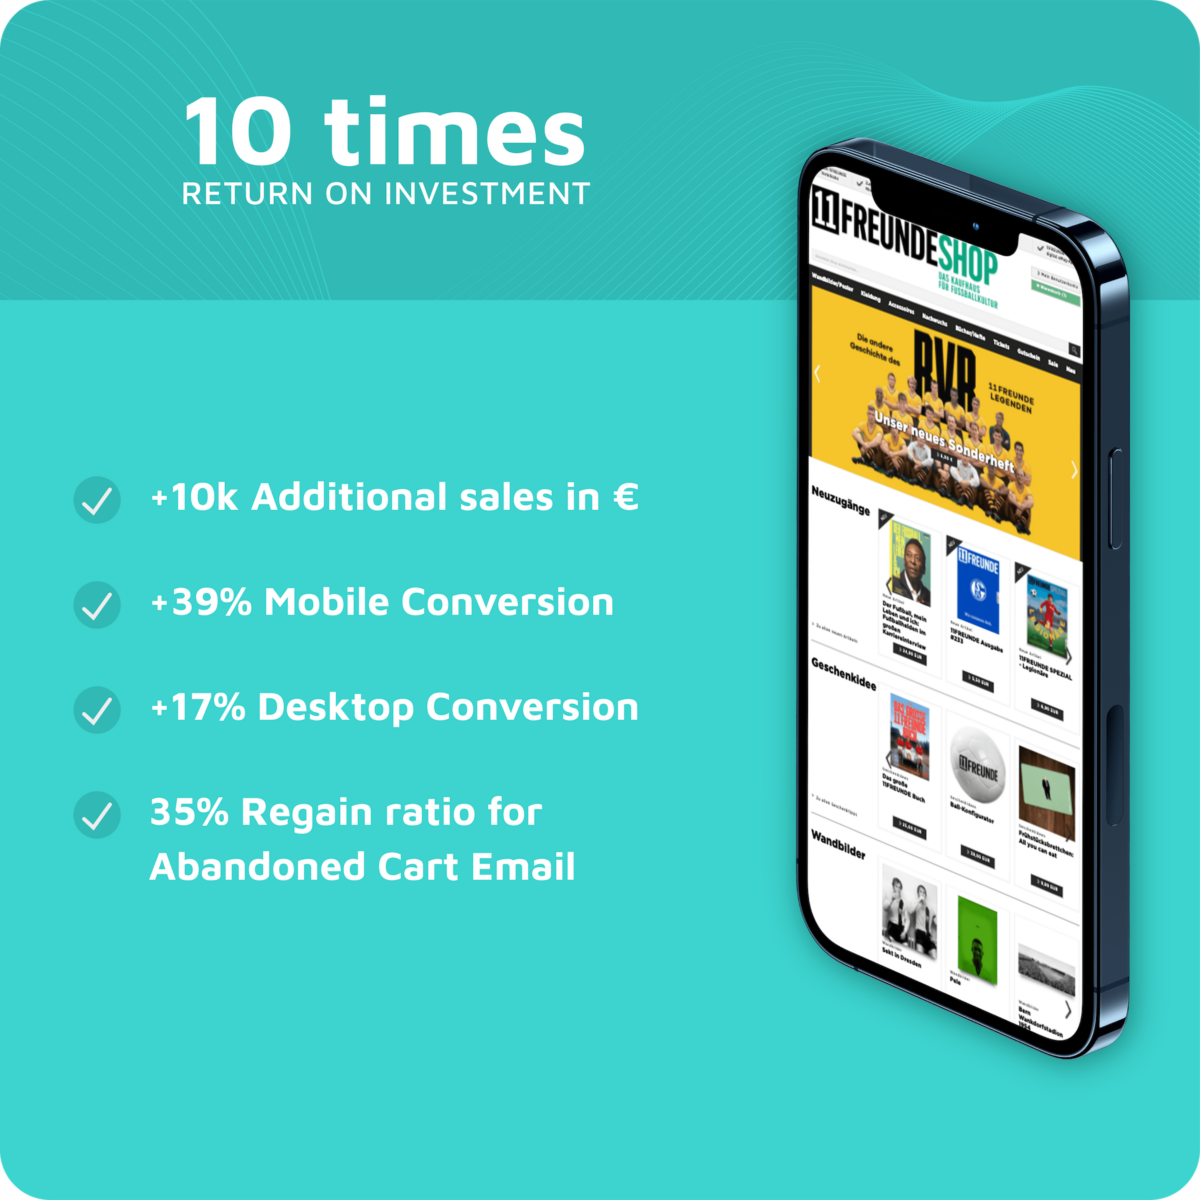 11FREUNDE Onlineshop reduces Shopping Cart Abandonment